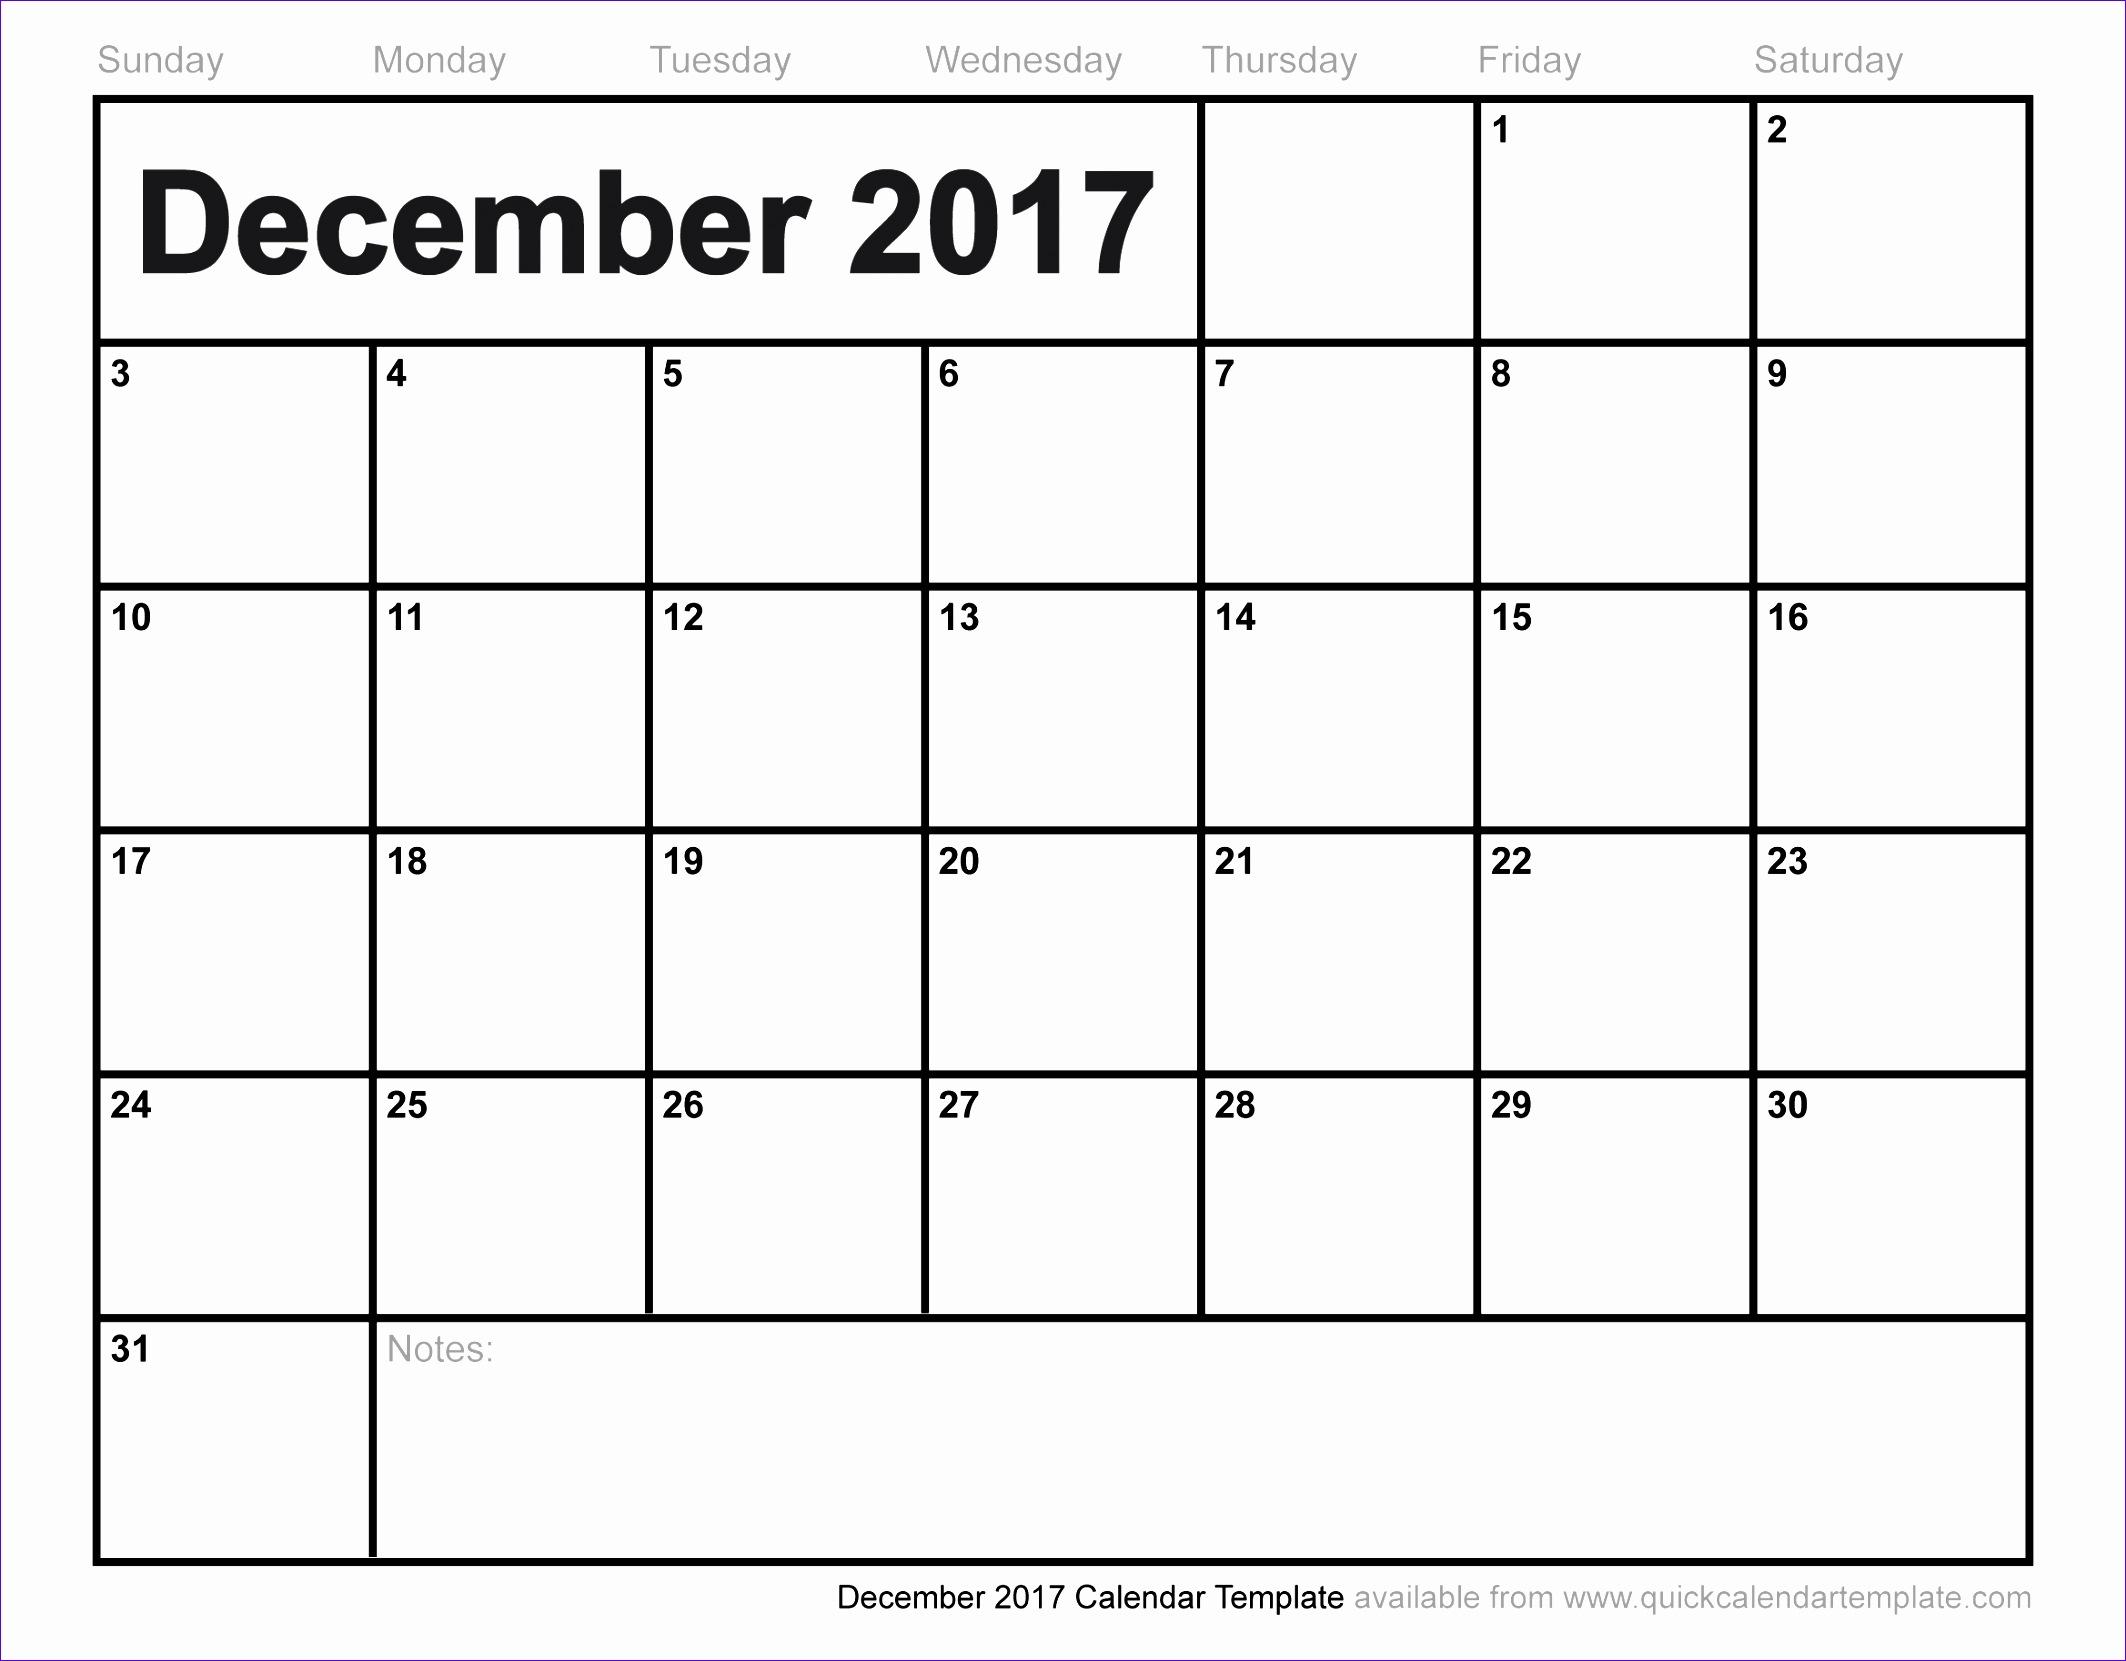 december 2017 calendar template 2444